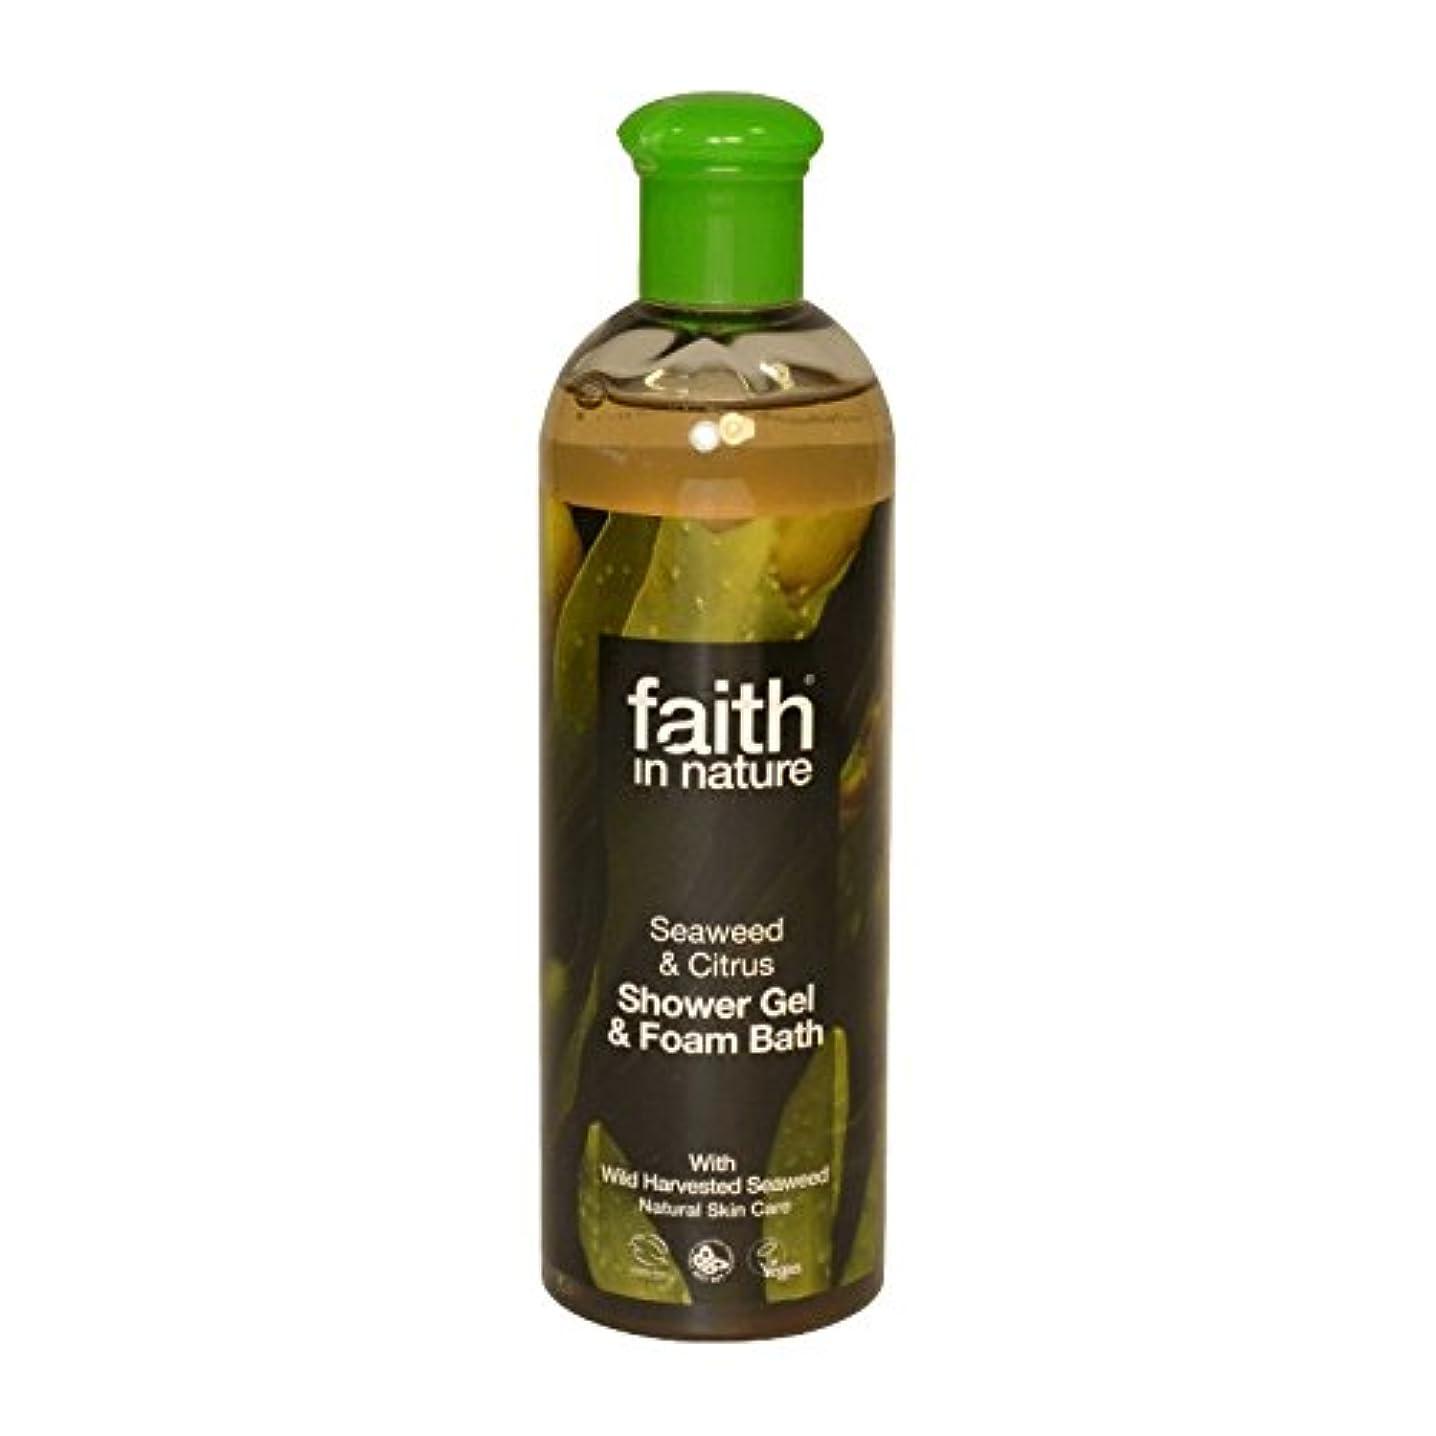 分配しますパステル蜂自然の海藻&シトラスシャワージェル&バス泡400ミリリットルの信仰 - Faith in Nature Seaweed & Citrus Shower Gel & Bath Foam 400ml (Faith in Nature...